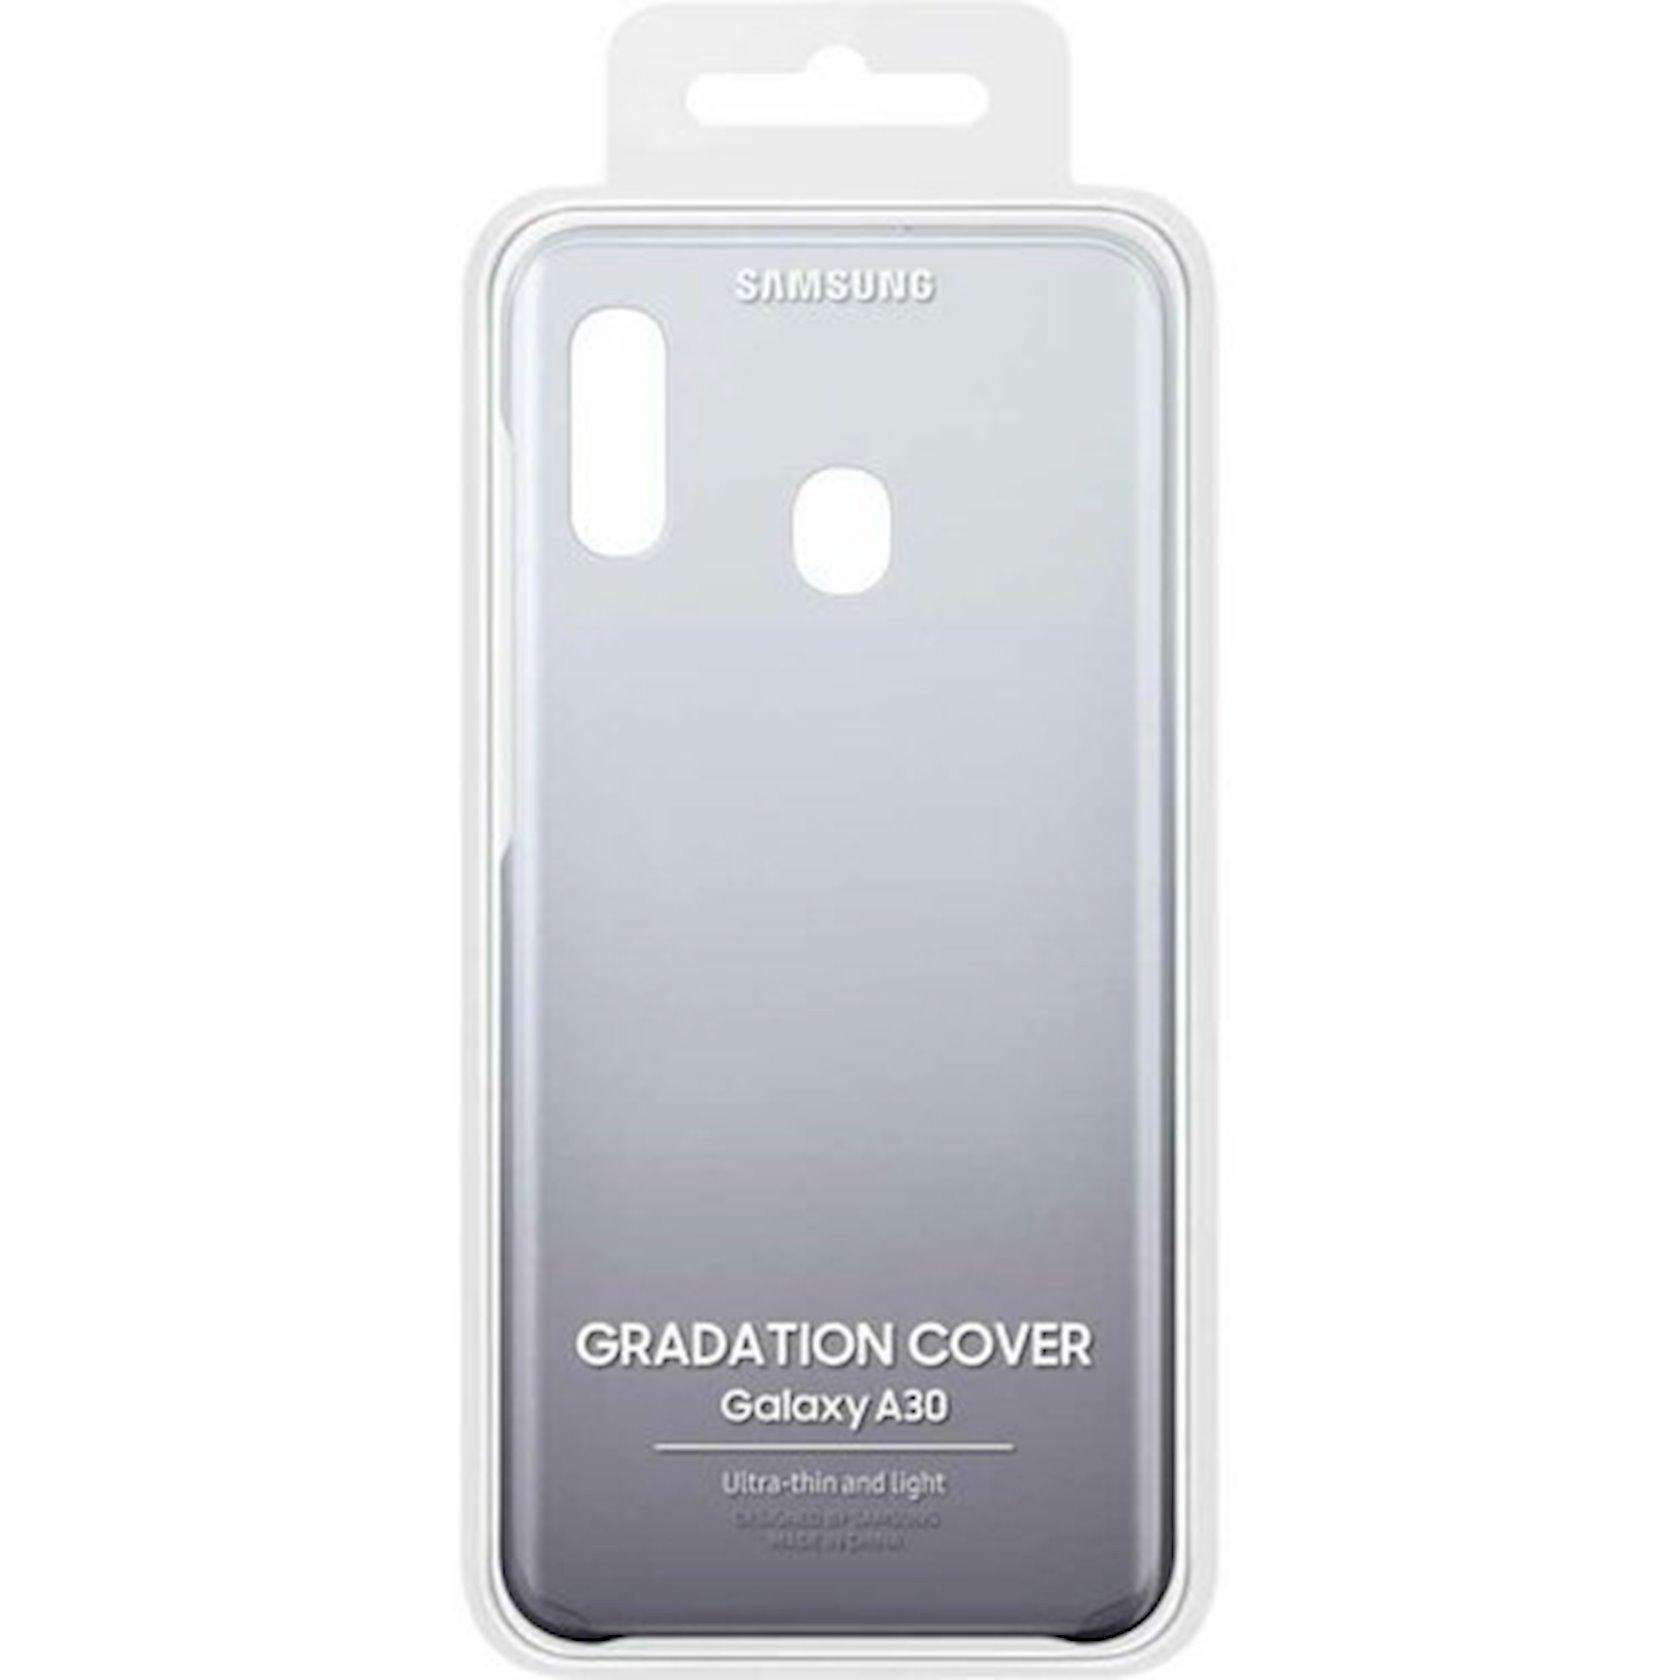 Çexol Samsung Gradation Cover Samsung Galaxy A30 üçün Black